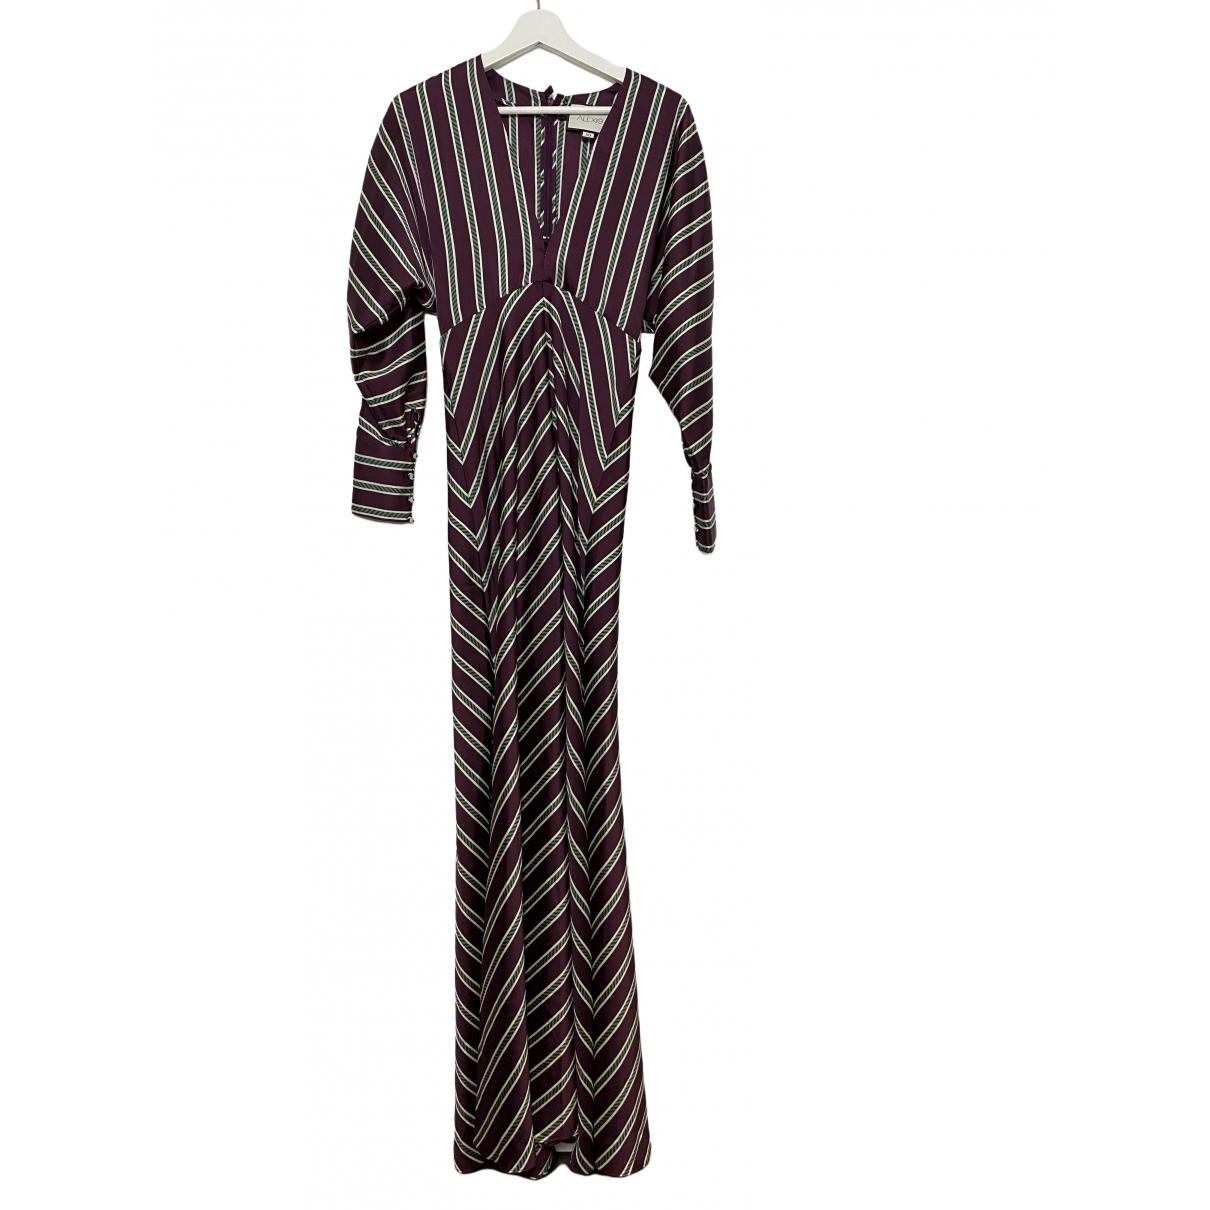 Alexis \N Kleid in  Bunt Polyester